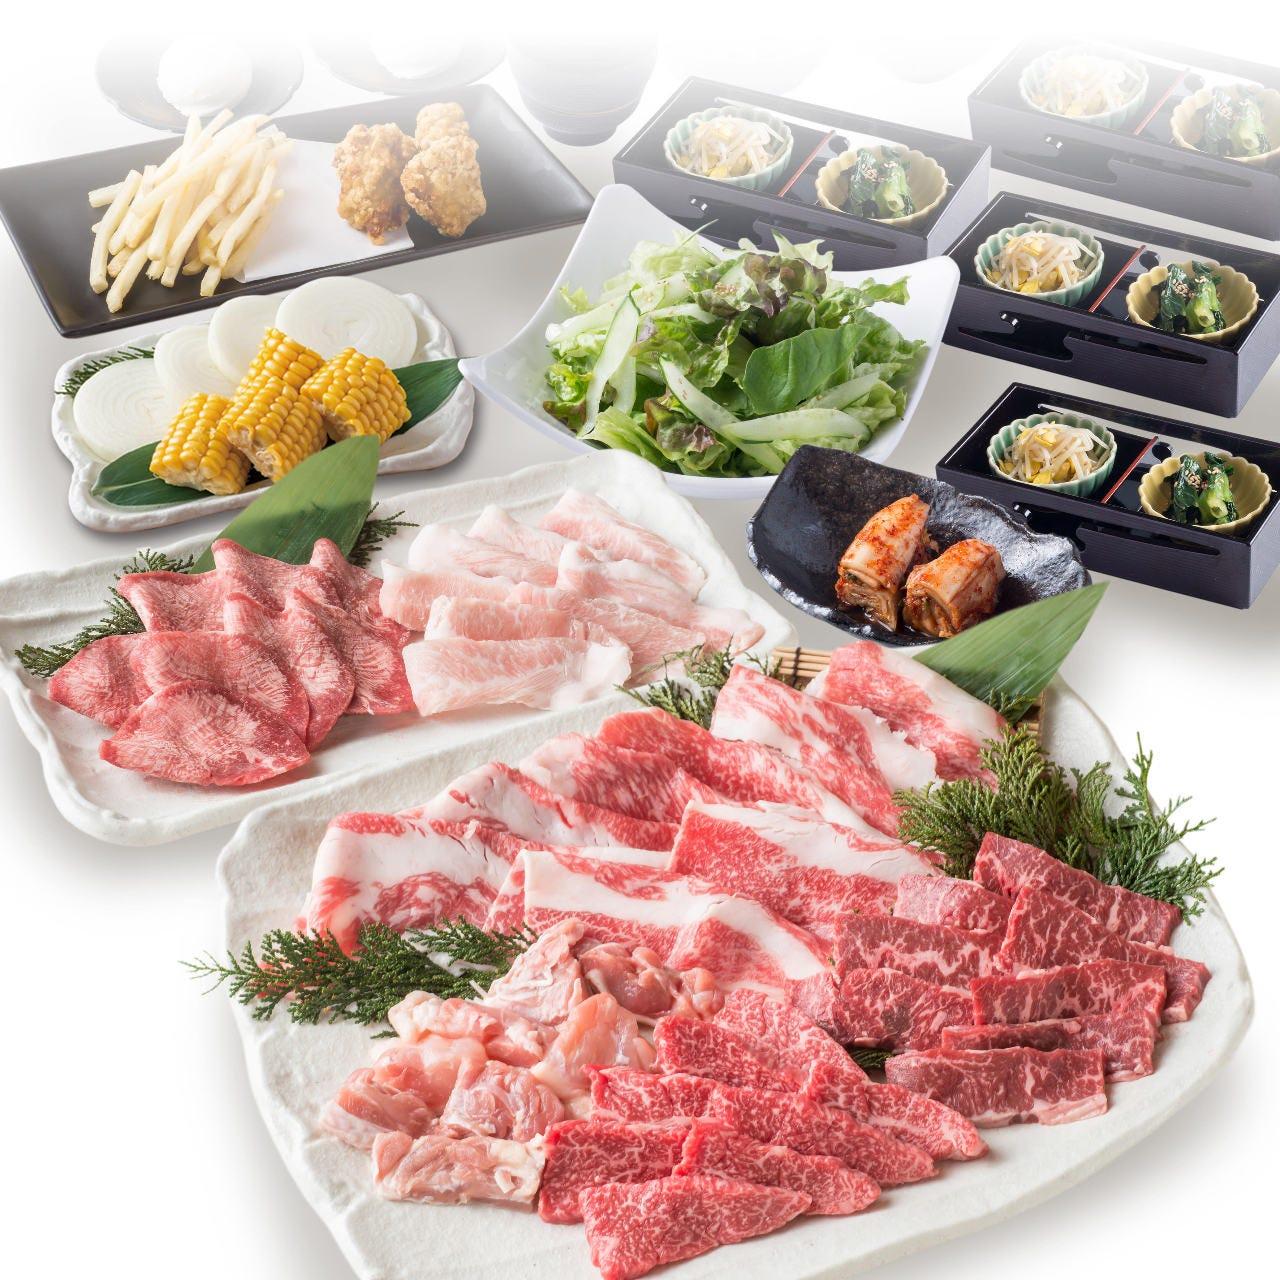 【集-tsudoi-コース】牛・ 豚・ 鶏とバラエティ豊富!みんなで集まって焼肉宴会! +1,500円で飲み放題